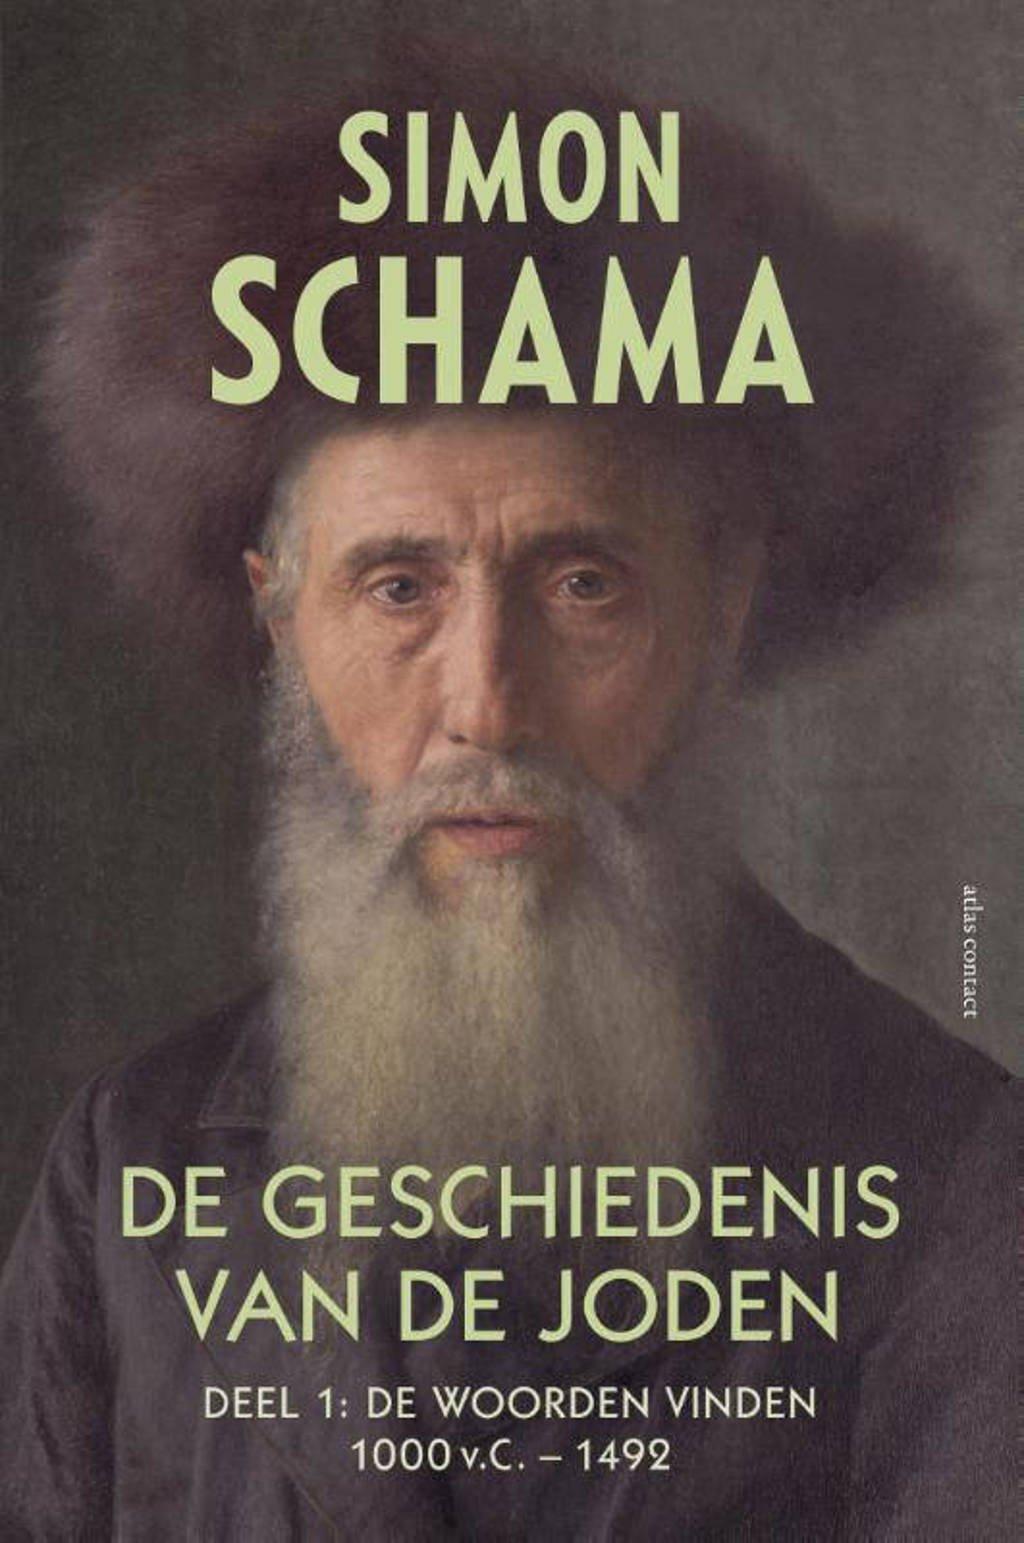 De geschiedenis van de Joden Deel 1: De woorden vinden 1000 v.C. tot 1492 - Simon Schama